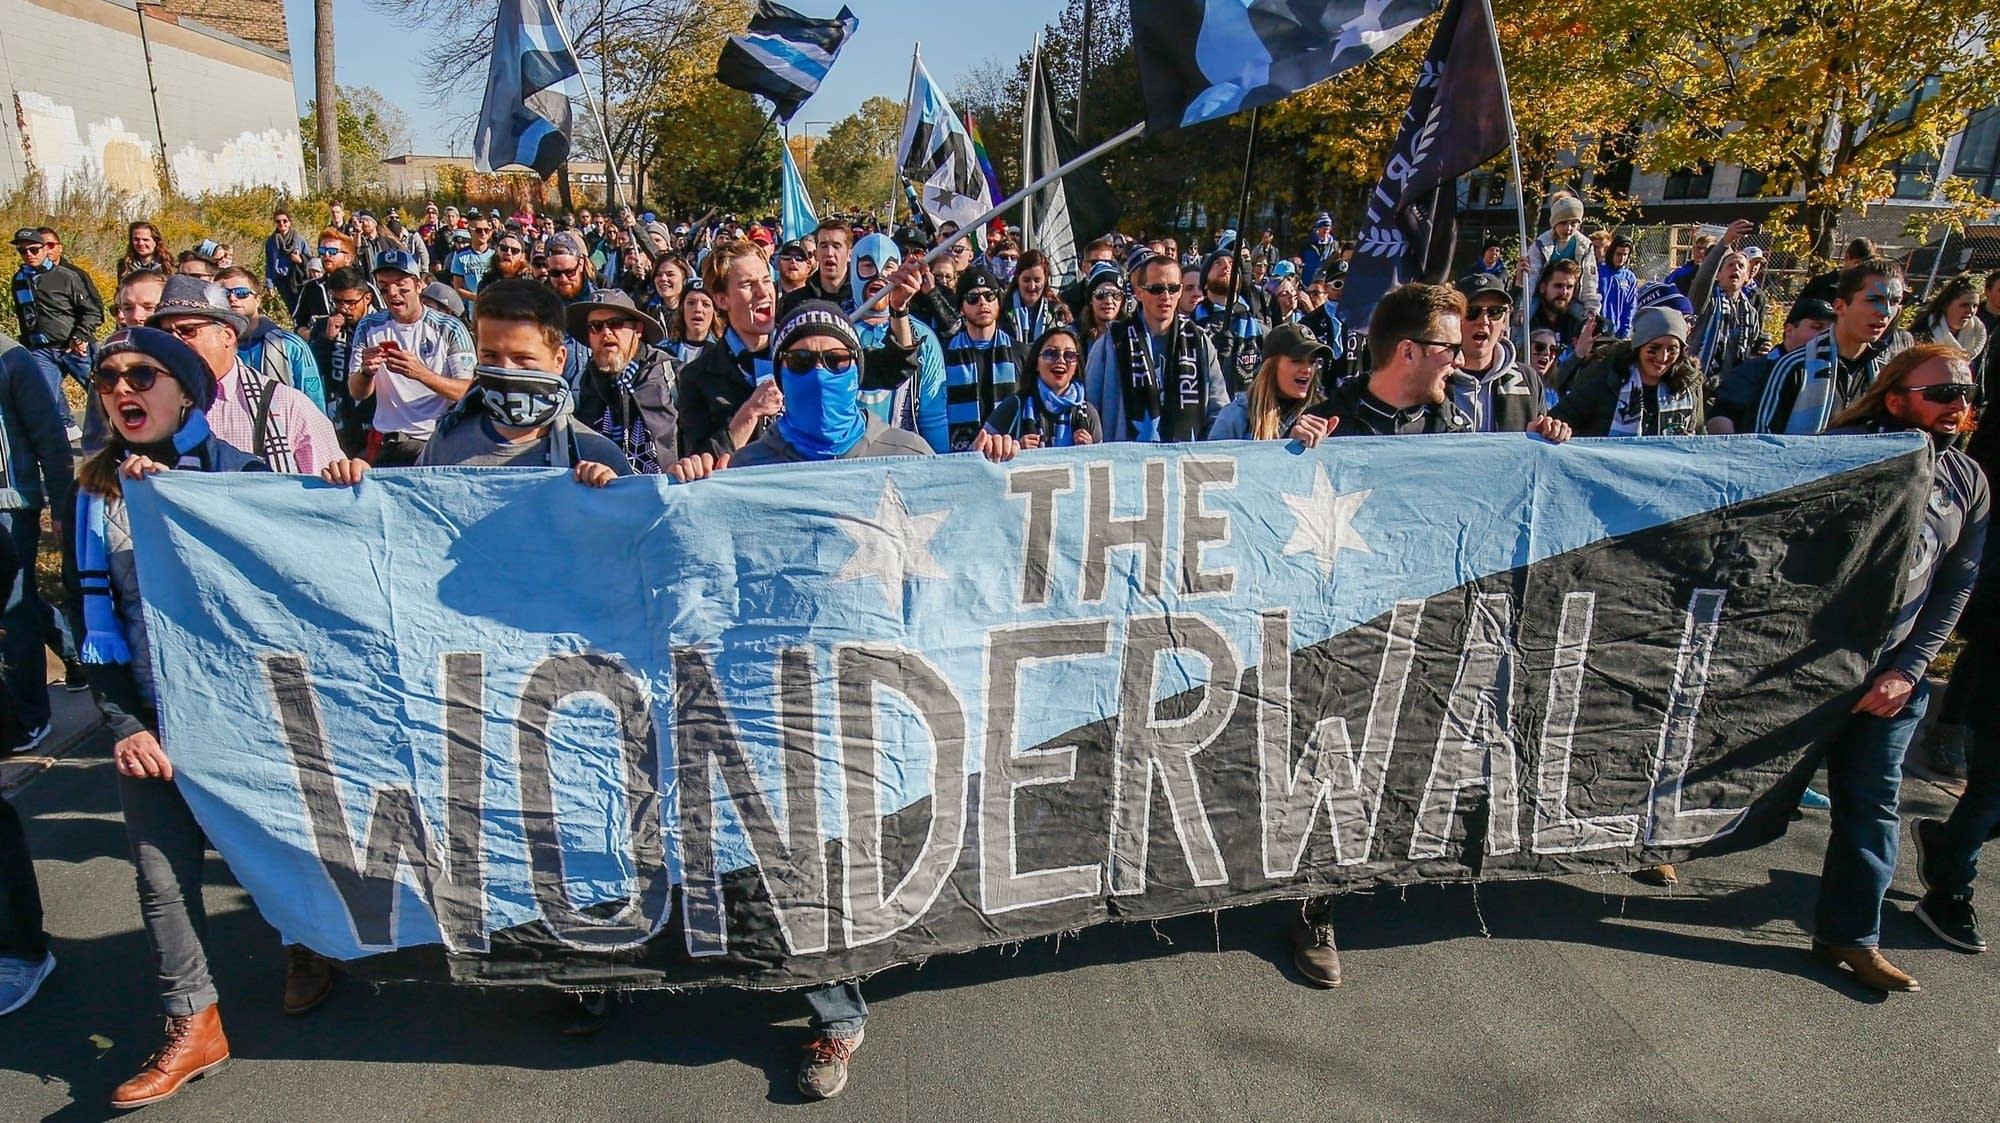 'Behind the Loon:Wonderwall'